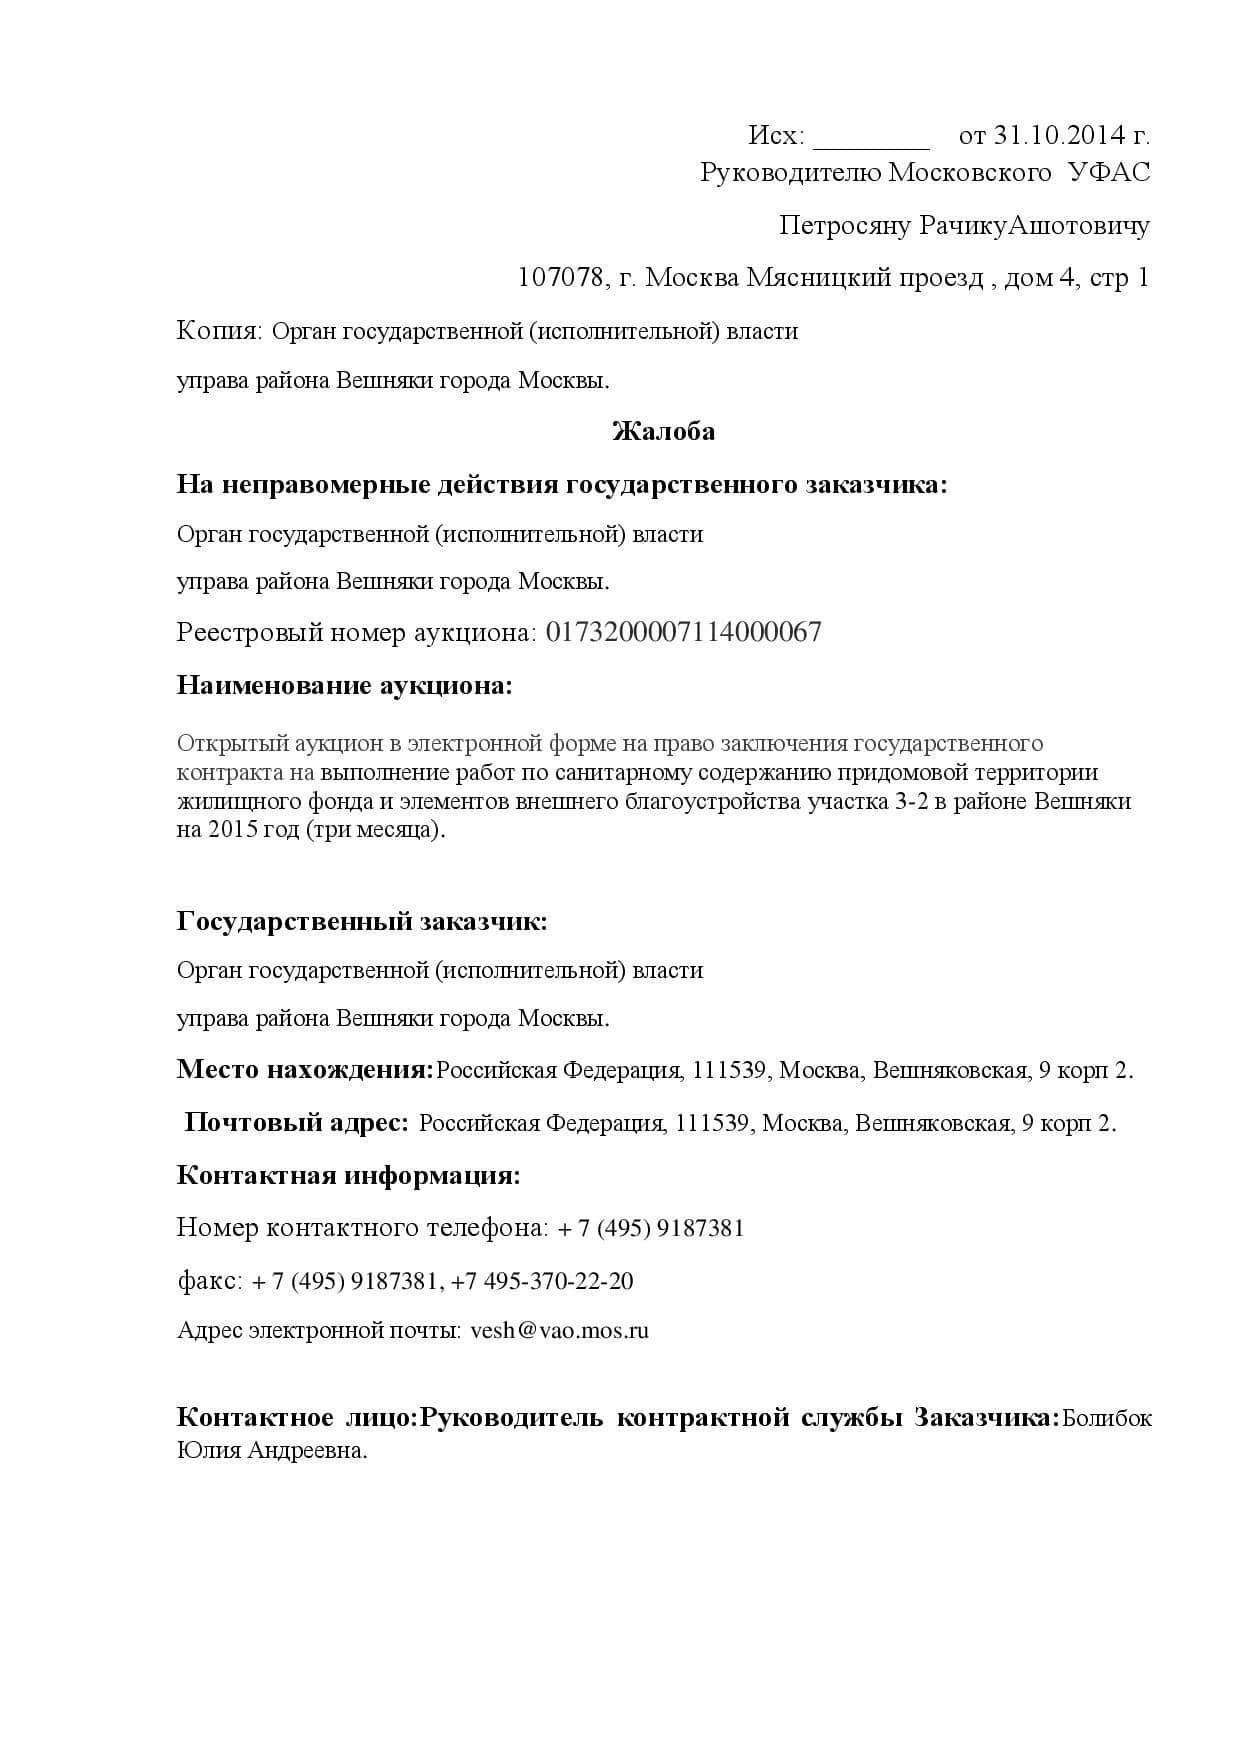 образец государственные контракты по 44 фз